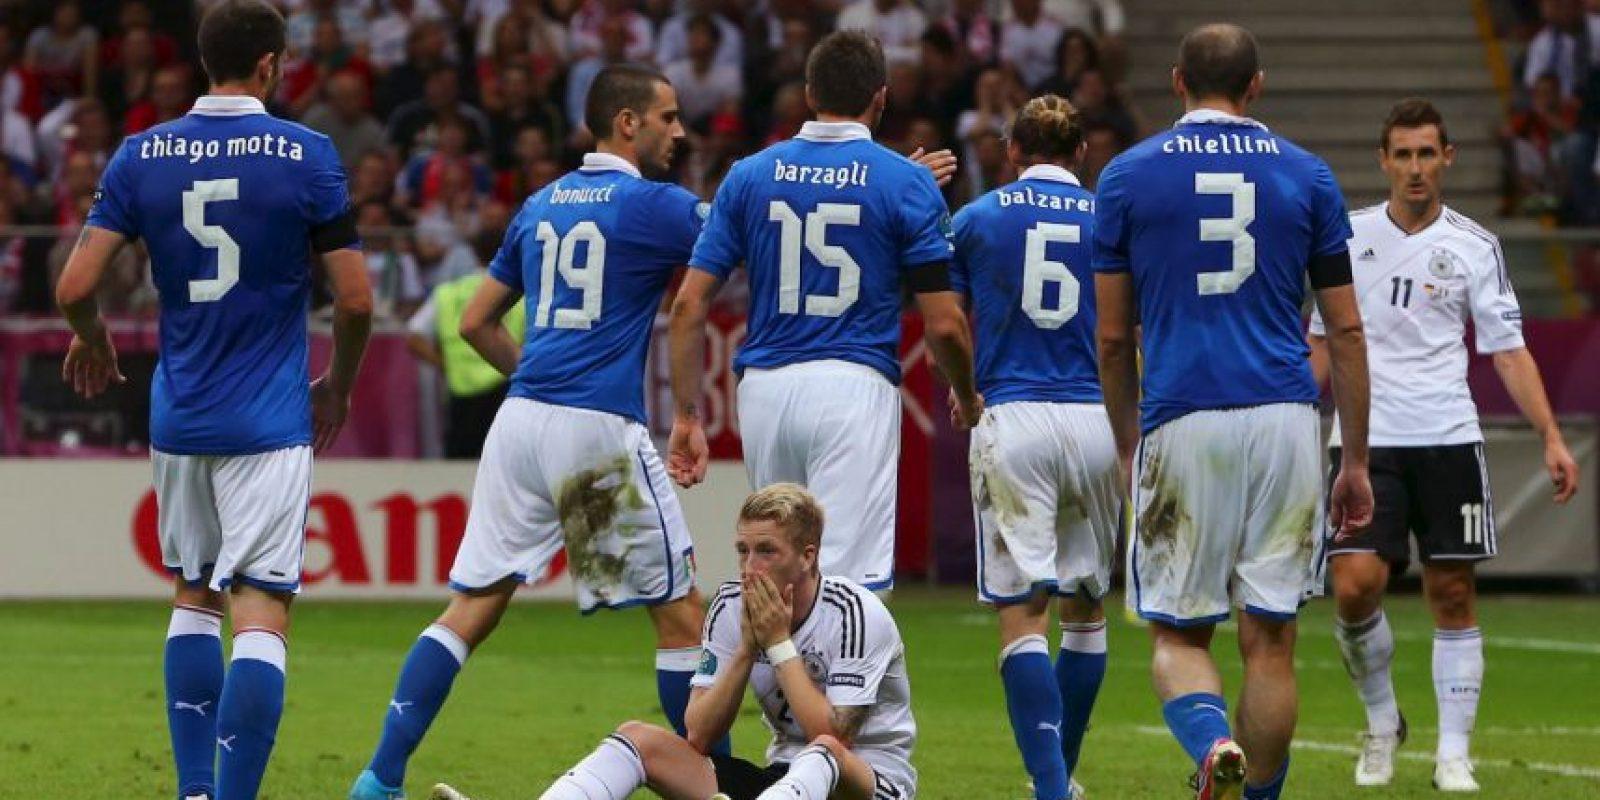 En 2012, italianos y alemanes nuevamente se encontraron en una semifinal y ahora fue de Eurocopa ¿El resultado? Italia eliminó a Alemania Foto:Getty Images